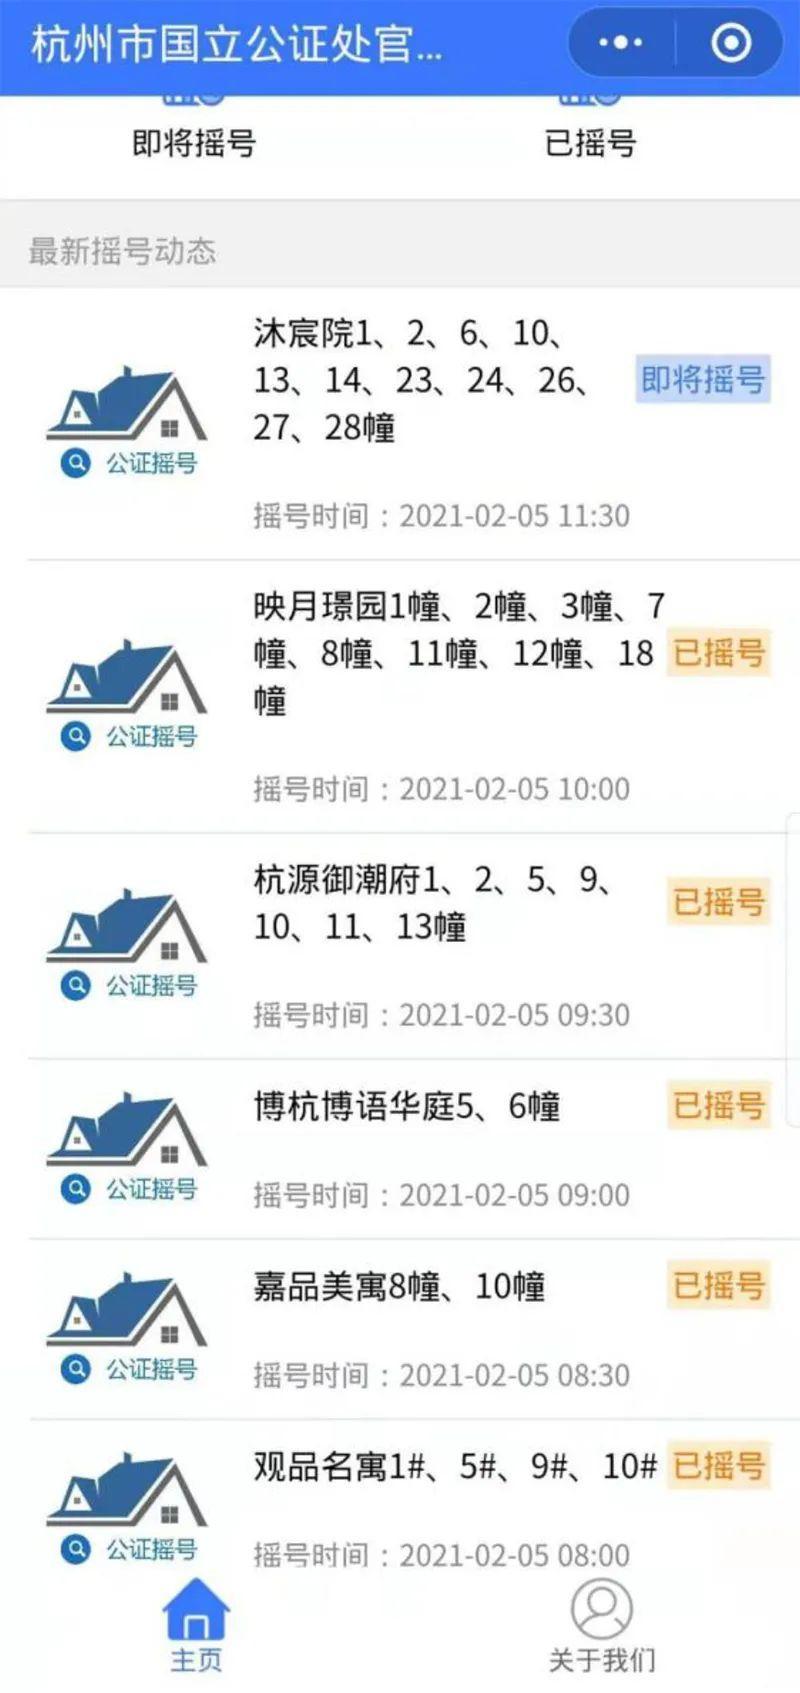 """杭州史上最大""""摇号潮"""":10万人抢房 冻结资金千亿"""